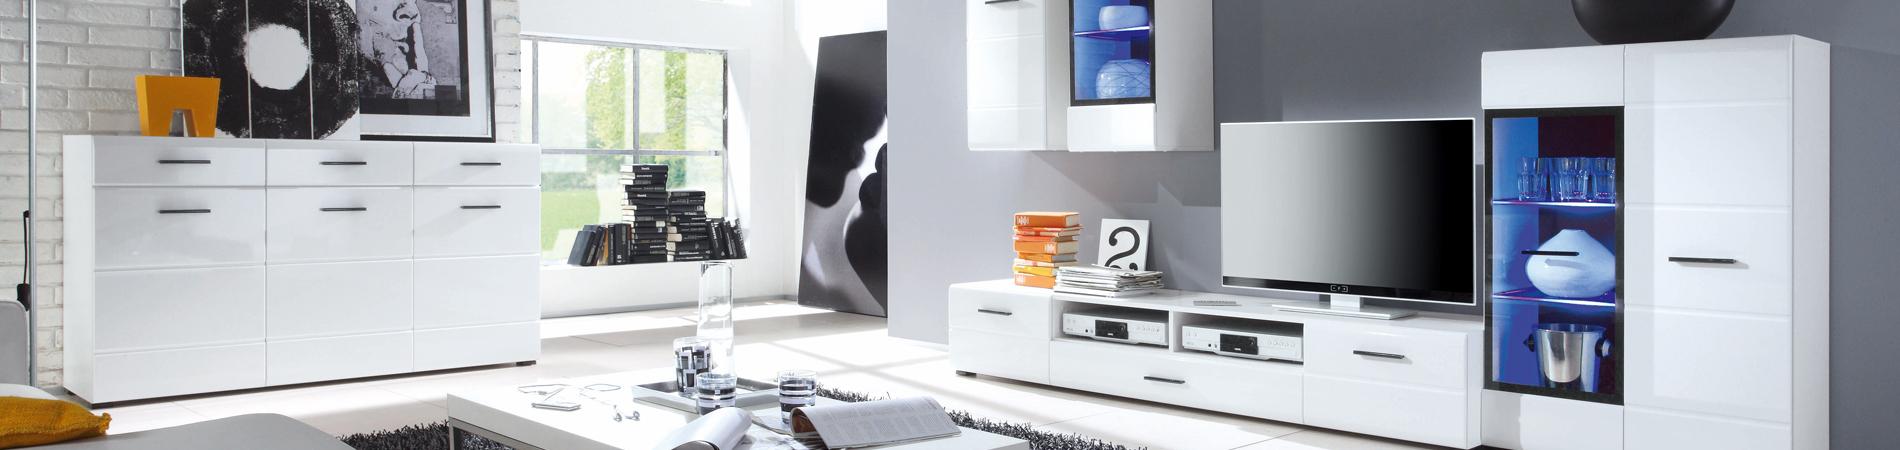 Unser Einrichtungshaus hält für Sie aktuelle, trendige Wohnideen für alle Bereiche des Wohnens und Lebens bereit.